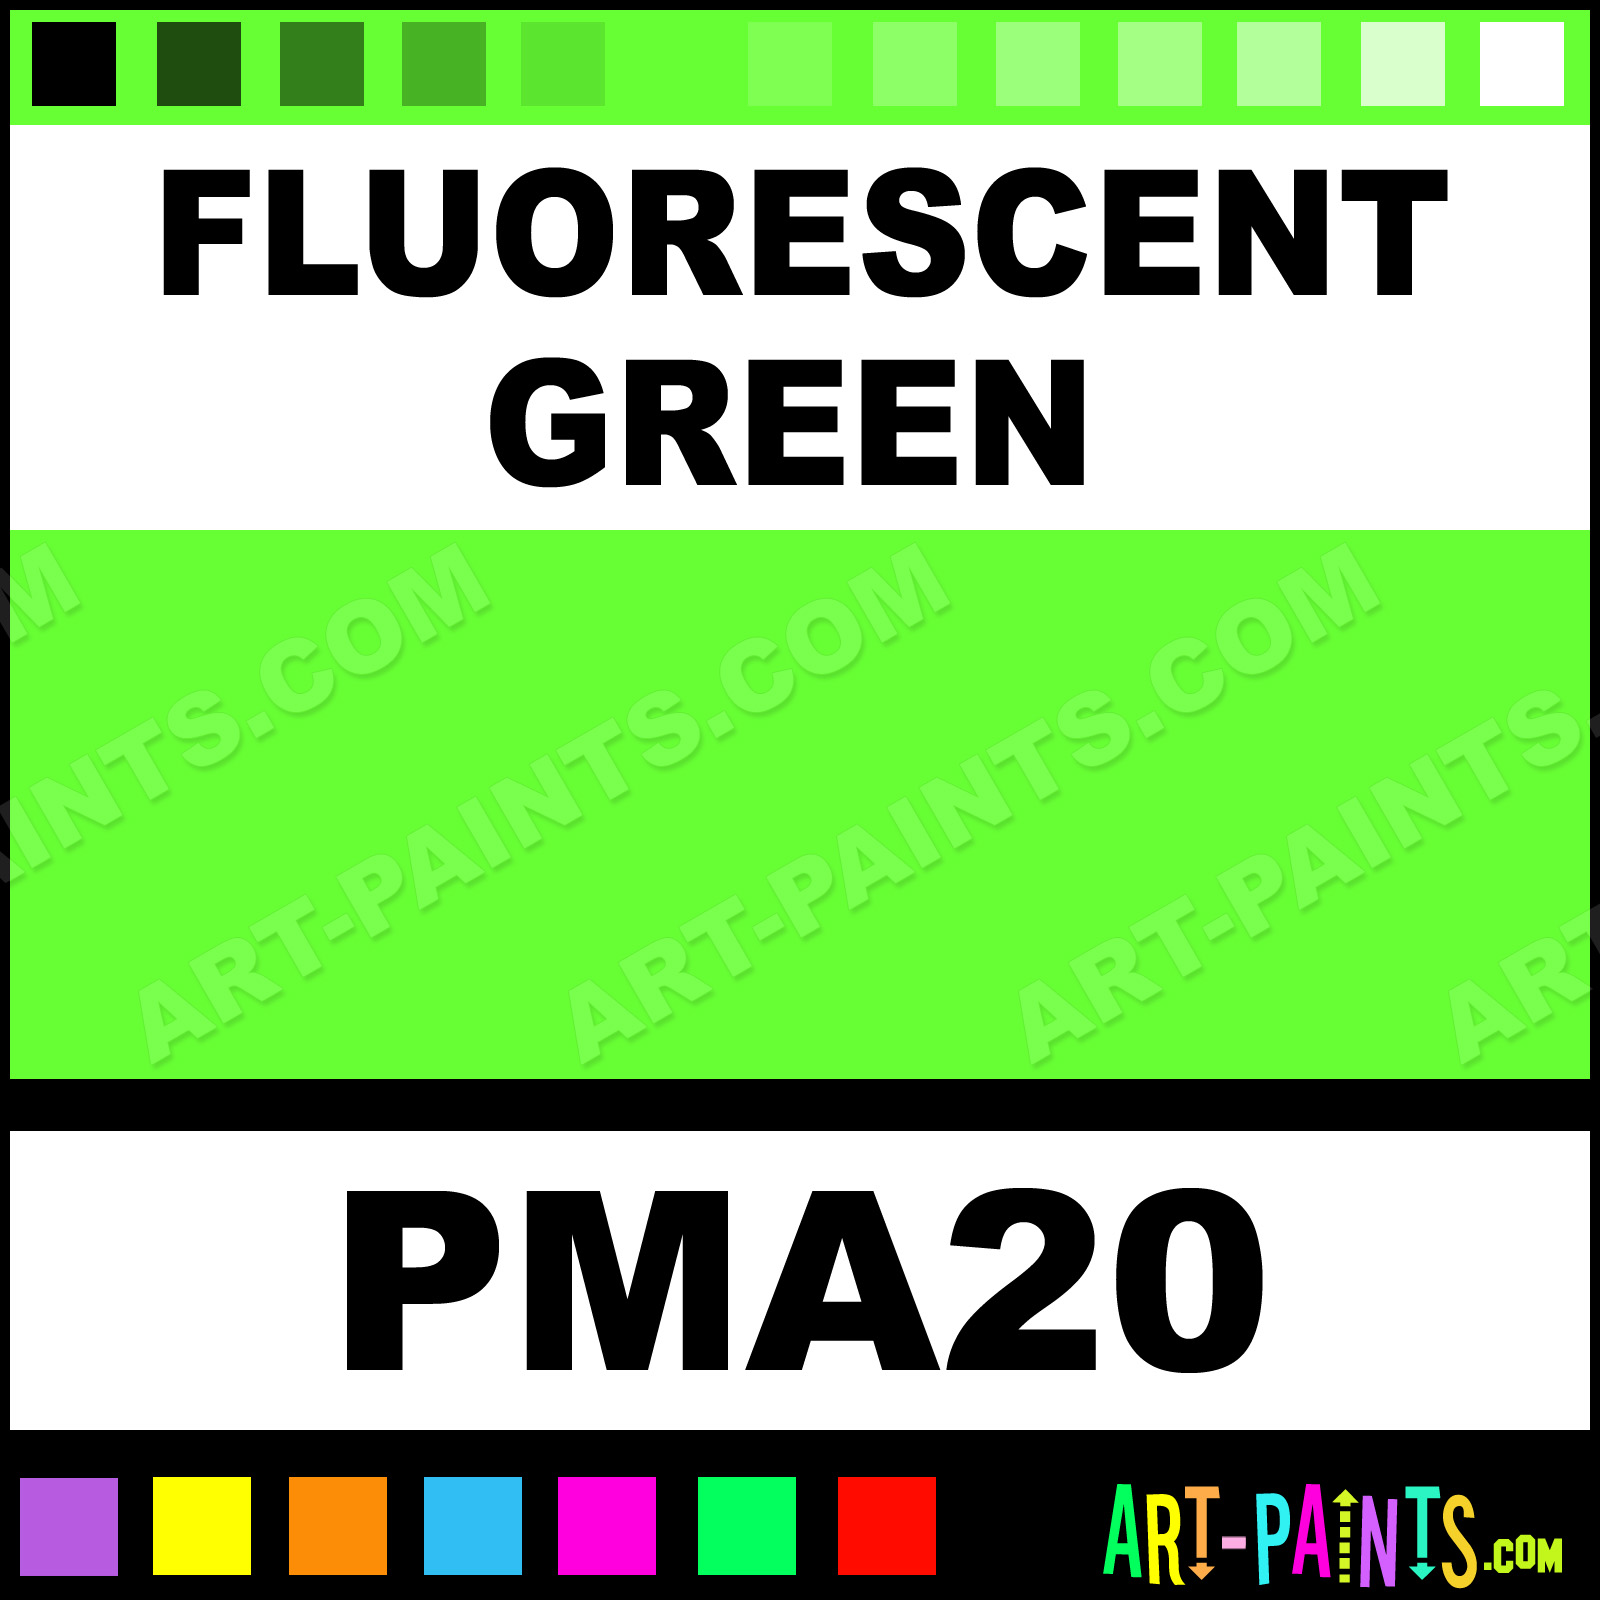 Fluorescent Green Paint Marker